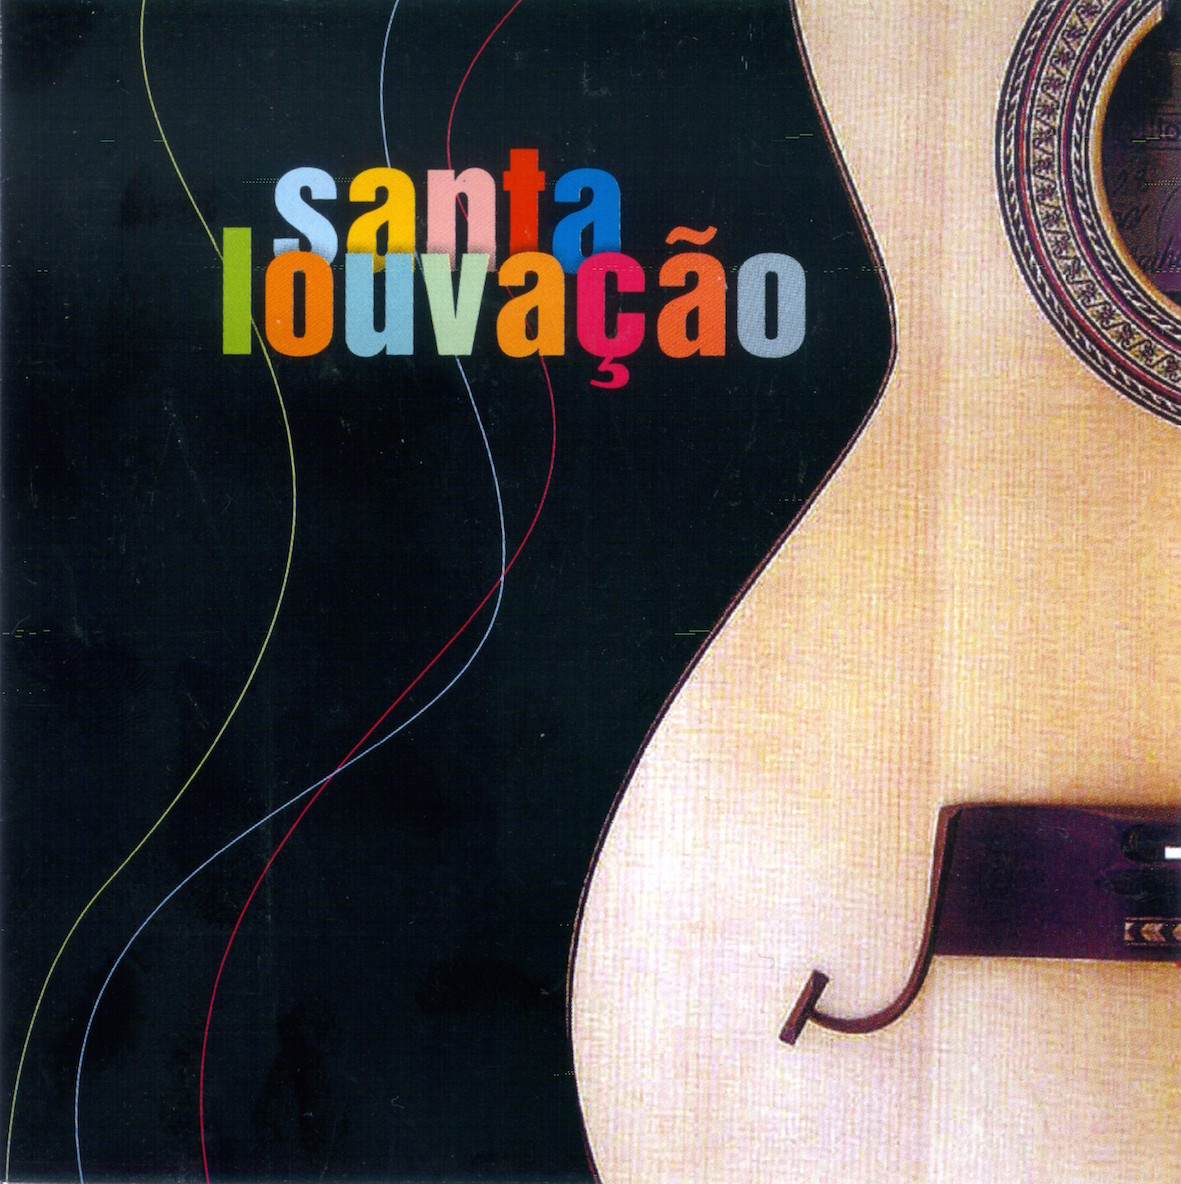 SANTA LOUVAÇÃO (2003)